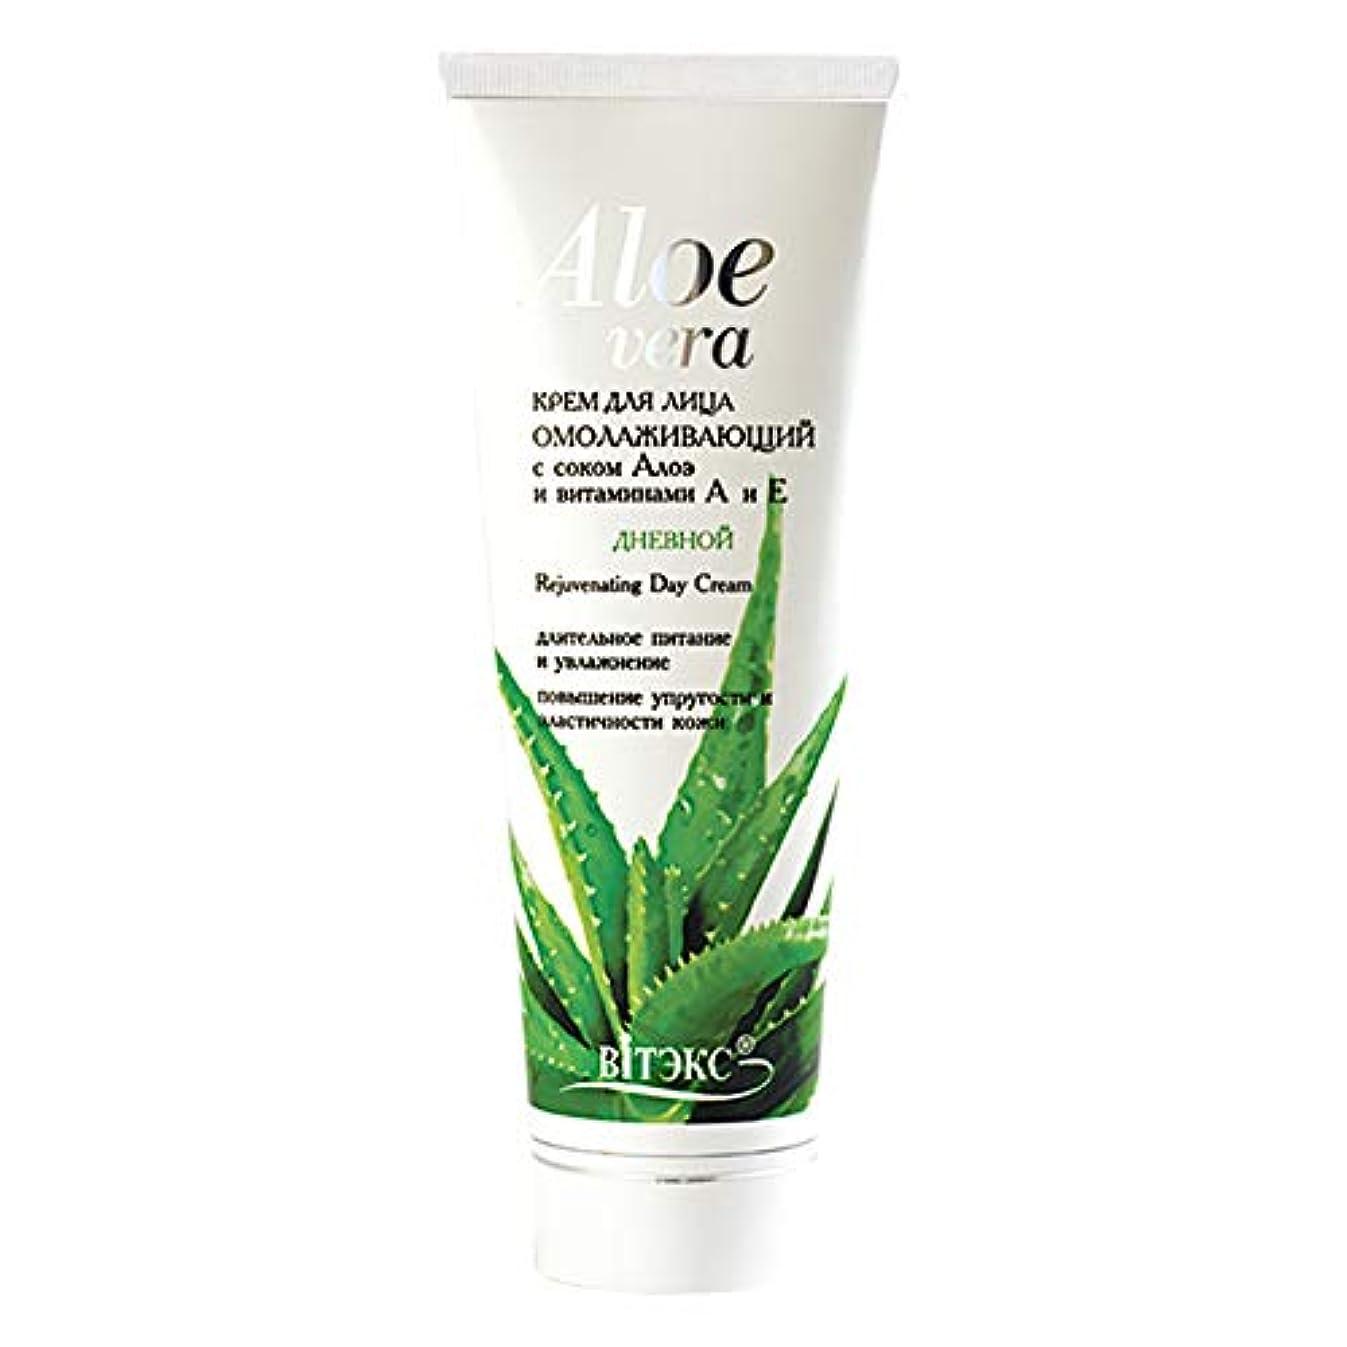 影のある領域傷つけるBielita & Vitex   Aloe Vera Line   Face Day Cream 30+ for All Skin Types   Aloe Juice   Vitamins A and E   75 ml